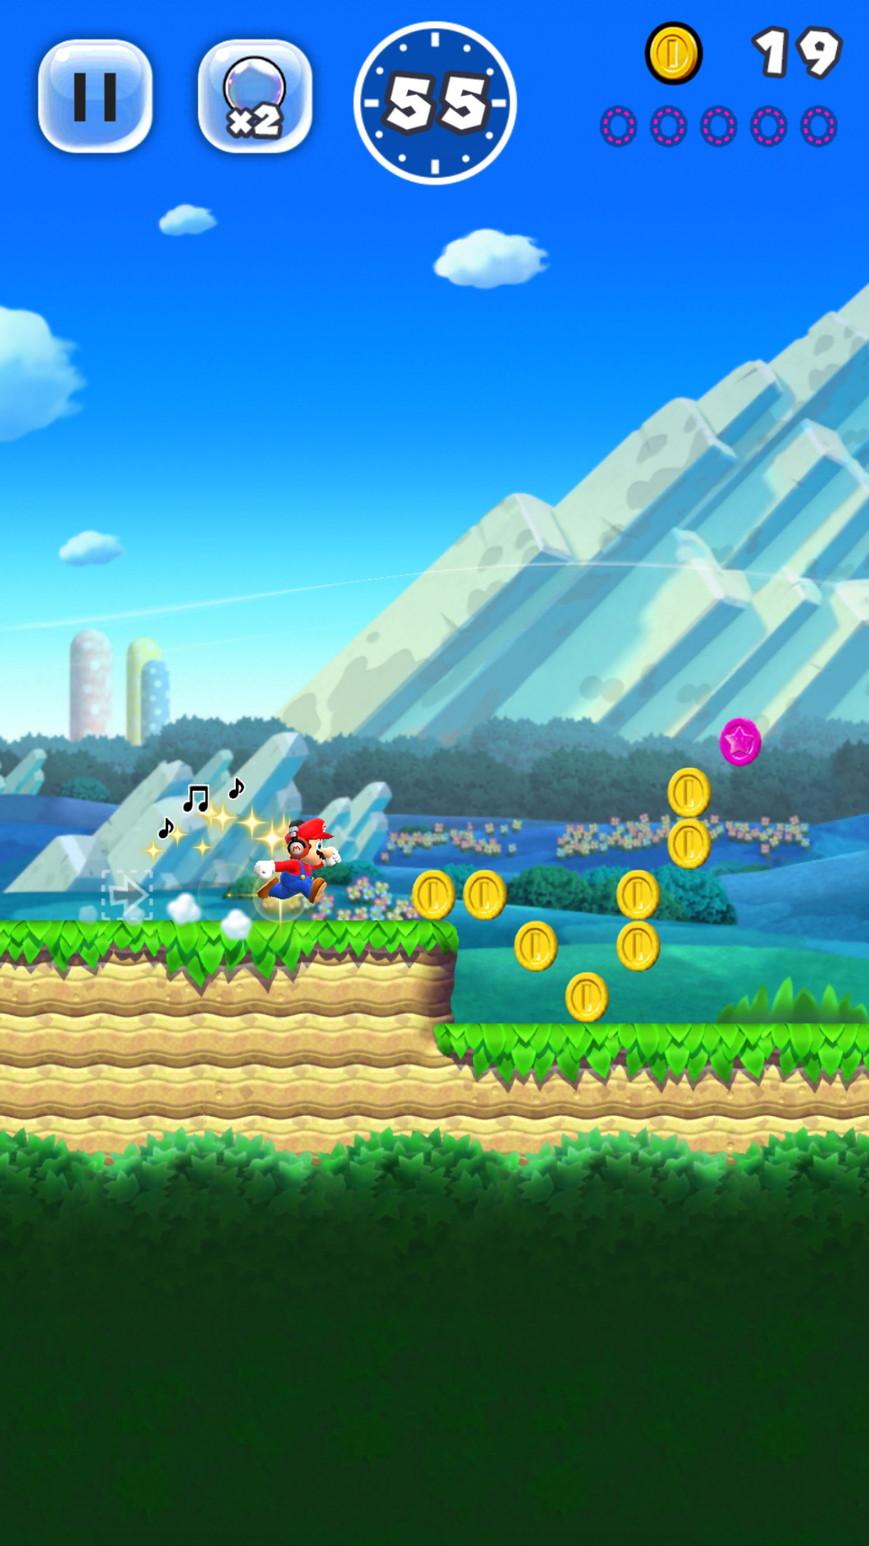 『スーパーマリオ ラン』が大型アップデート!新モード「リミックス10」などを実装